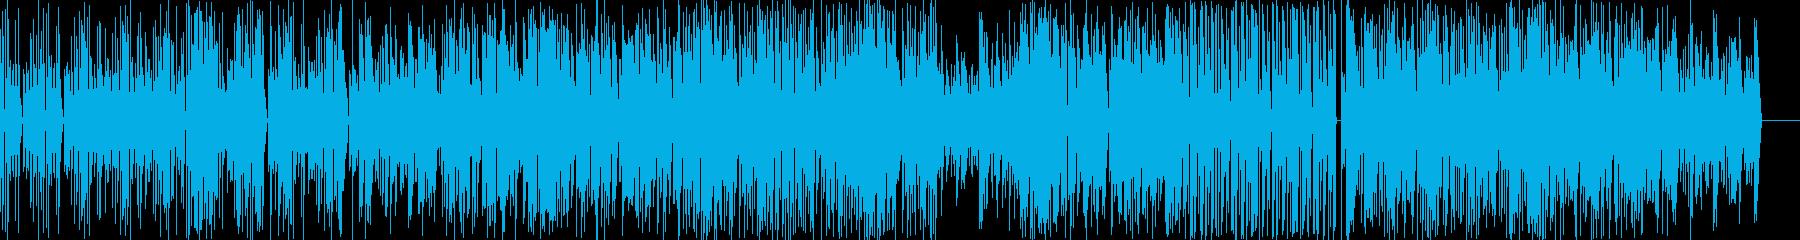 おしゃれでクールなイメージのポップな曲の再生済みの波形